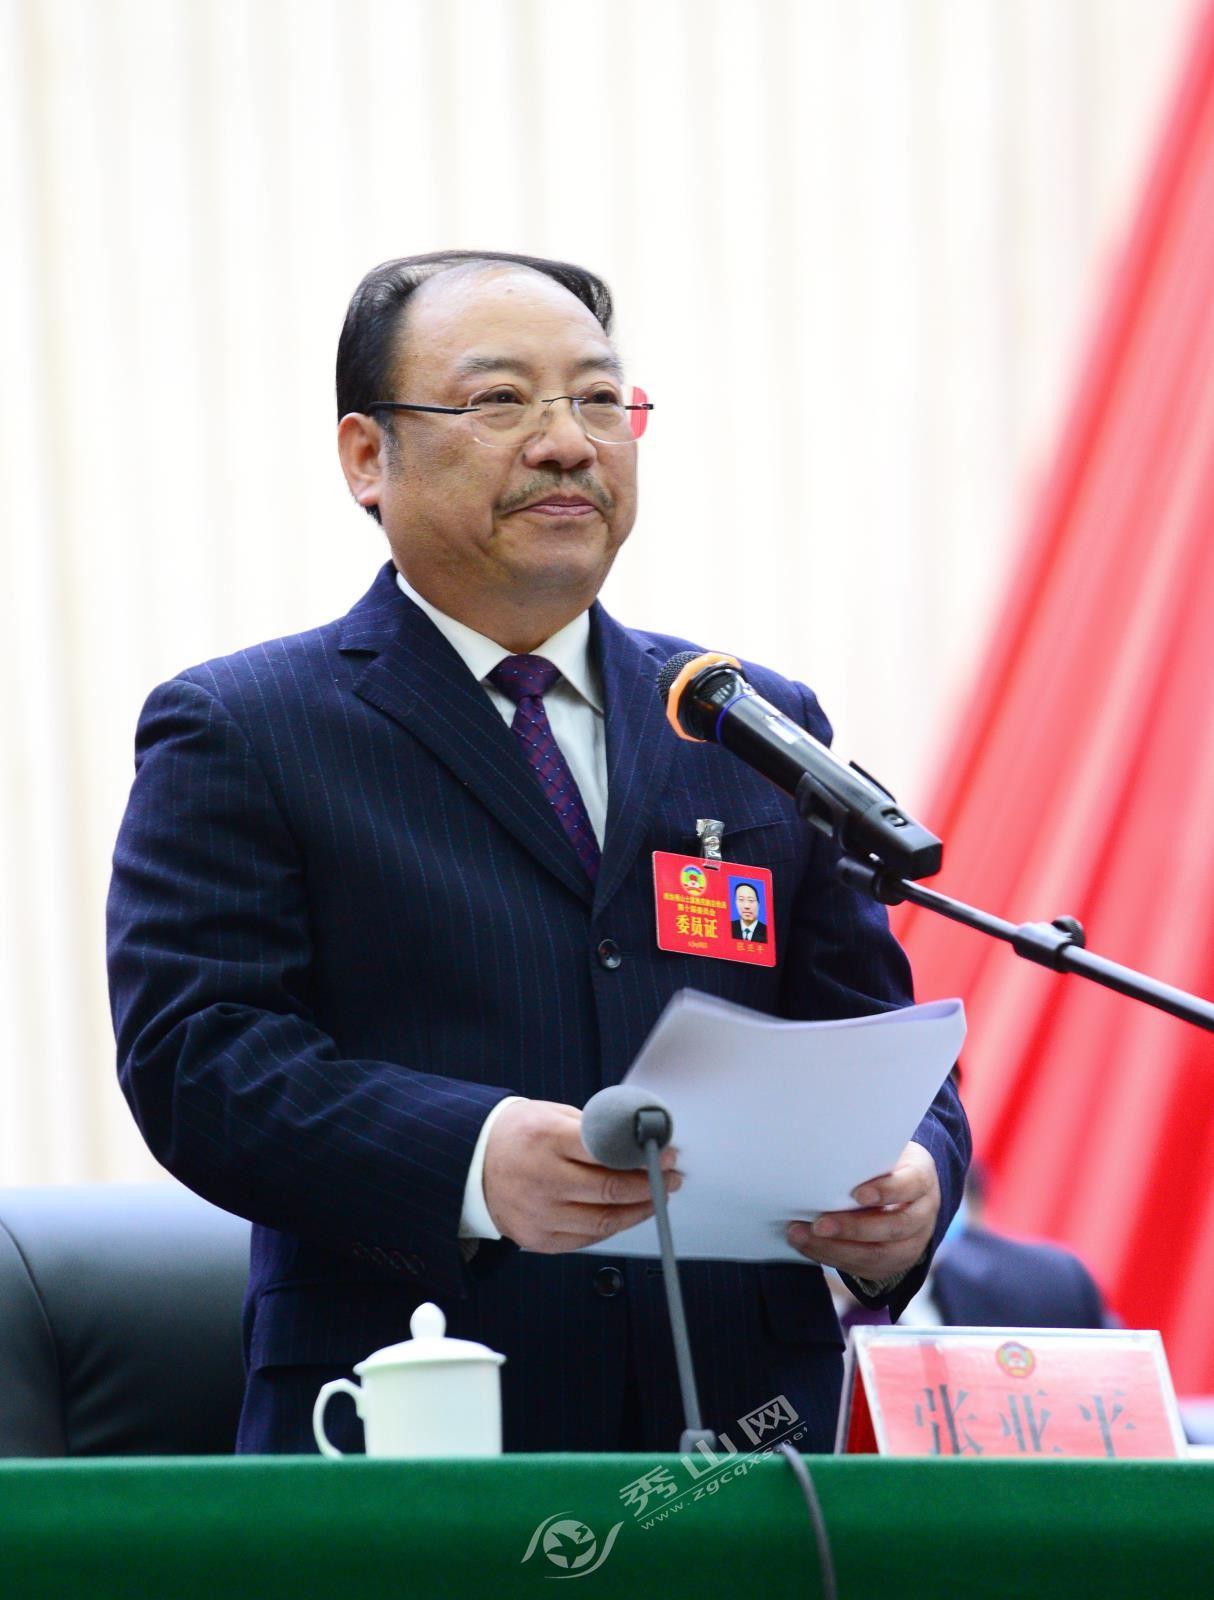 秀山县政协副主席张亚平主持大会。鲁诗勤 摄